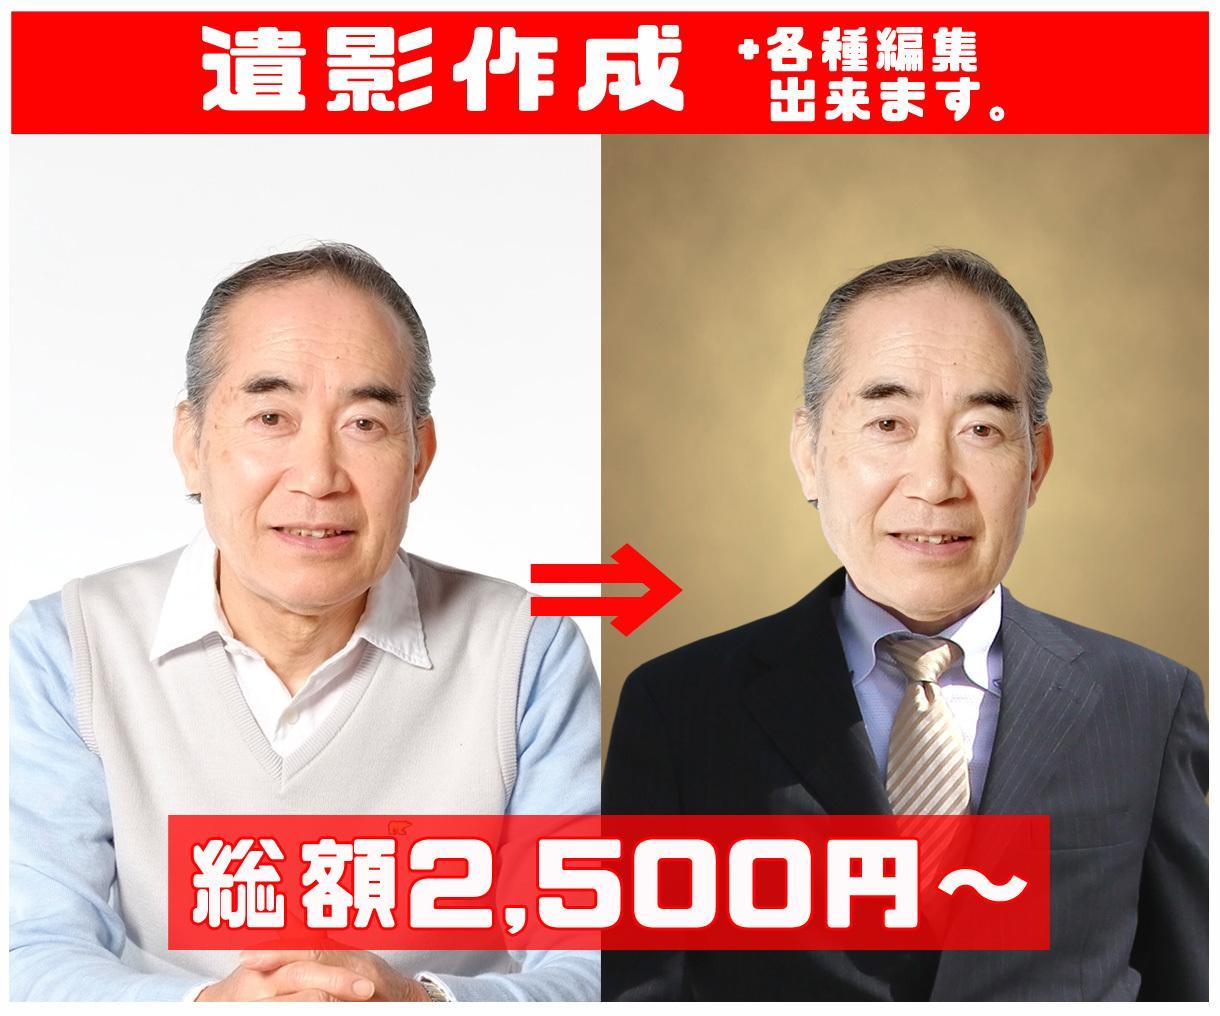 遺影画像のレタッチ・加工▲最安値▲承ります 通常 数万円かかる遺影写真を低価格で加工 イメージ1